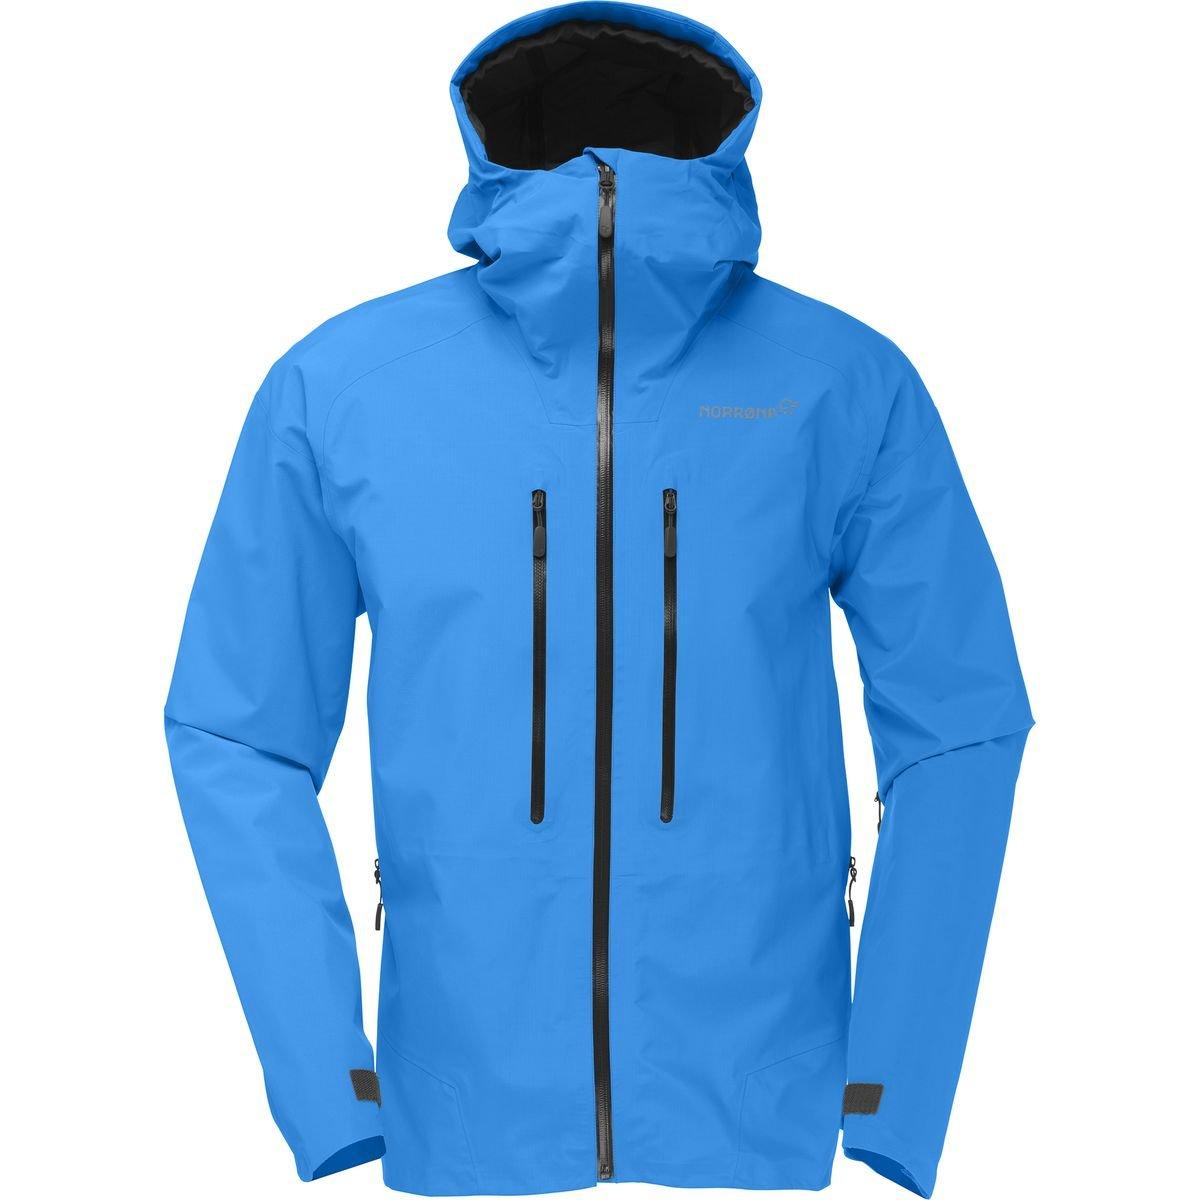 予約販売 [ノローナ] メンズ ジャケット&ブルゾン Trollveggen M Gore-Tex Gore-Tex Light Pro Pro Jacket [並行輸入品] B07BVTYZFW M, まごころ本舗:4707e4ea --- arianechie.dominiotemporario.com